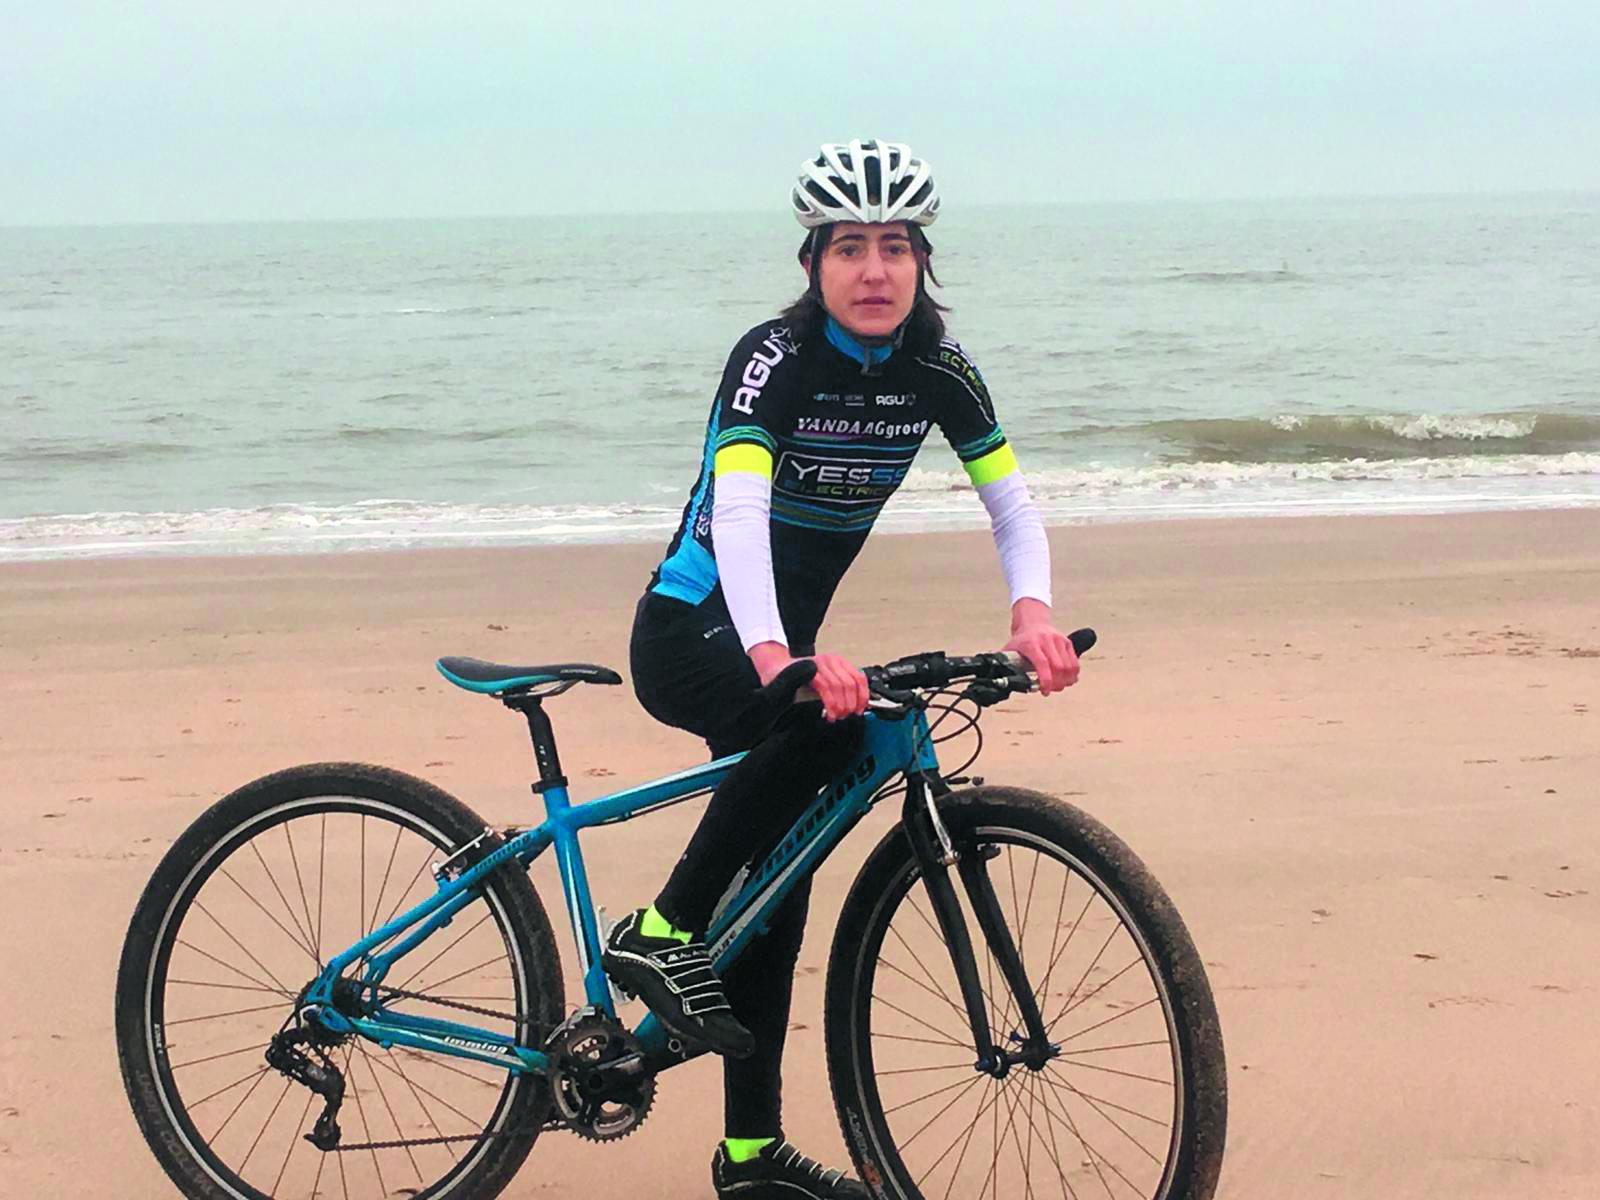 Pernilla van Rozelaar zoekt uitdagingen om zich te blijven ontwikkelen. (Foto: aangeleverd)